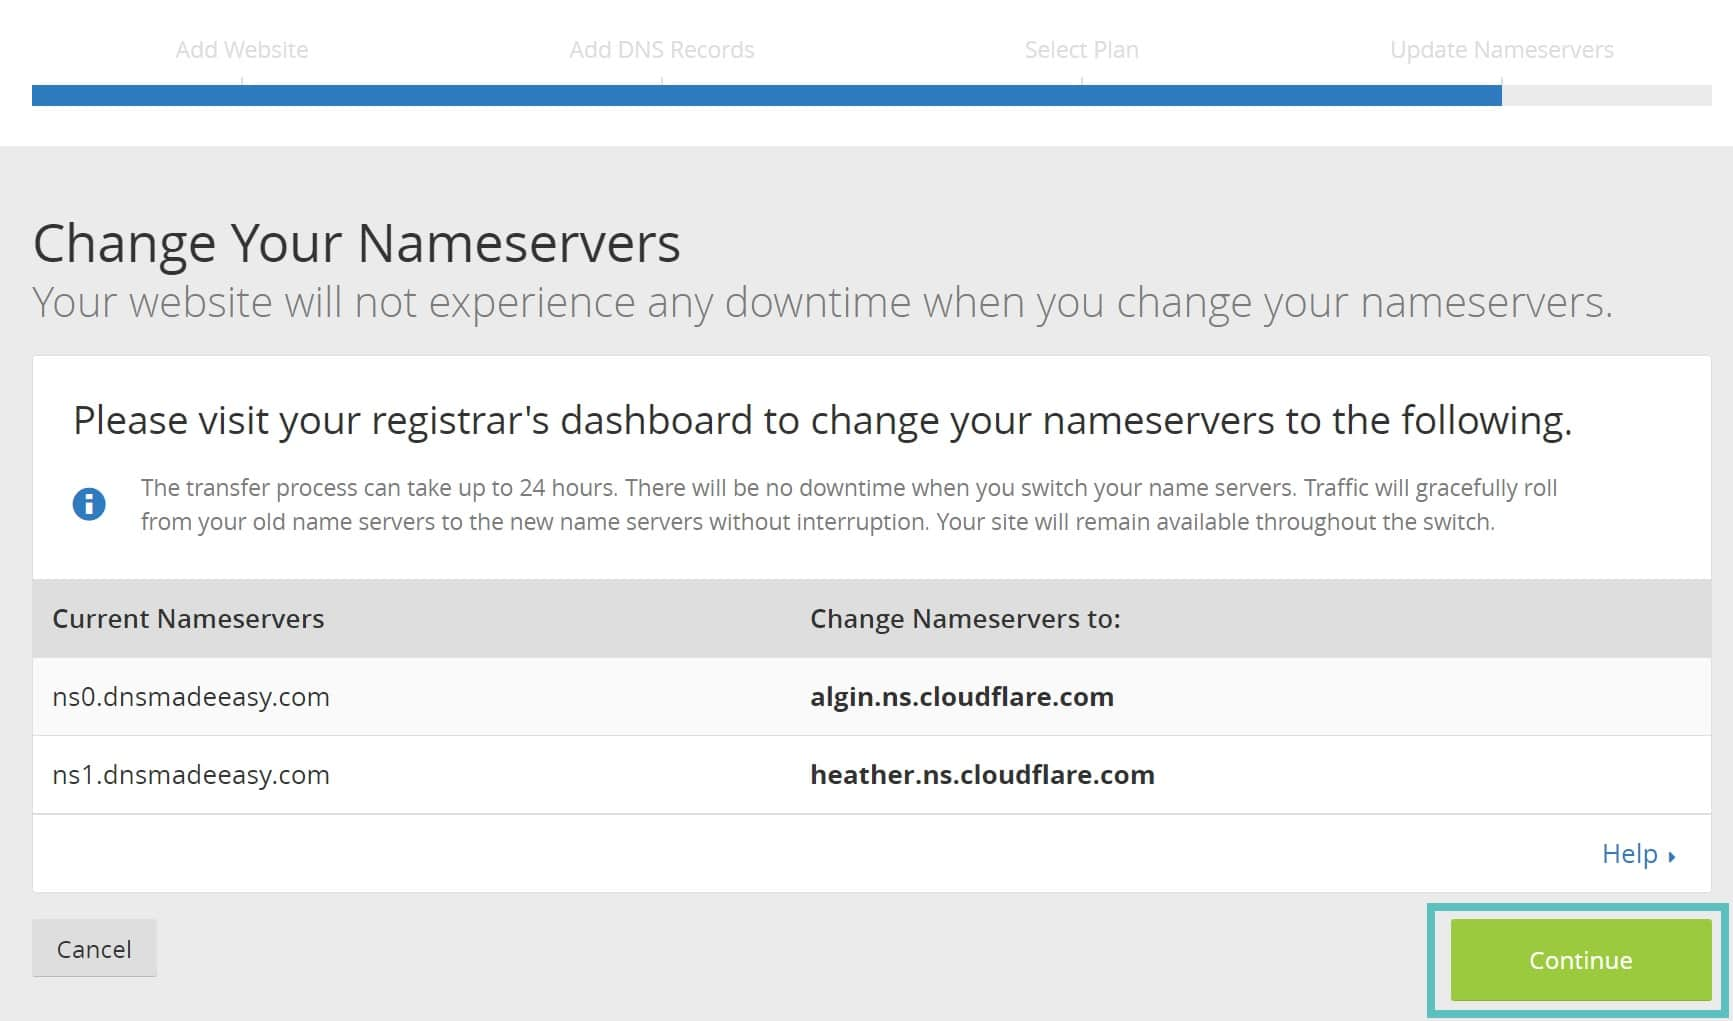 Veranderen naar de nameservers van Cloudflare